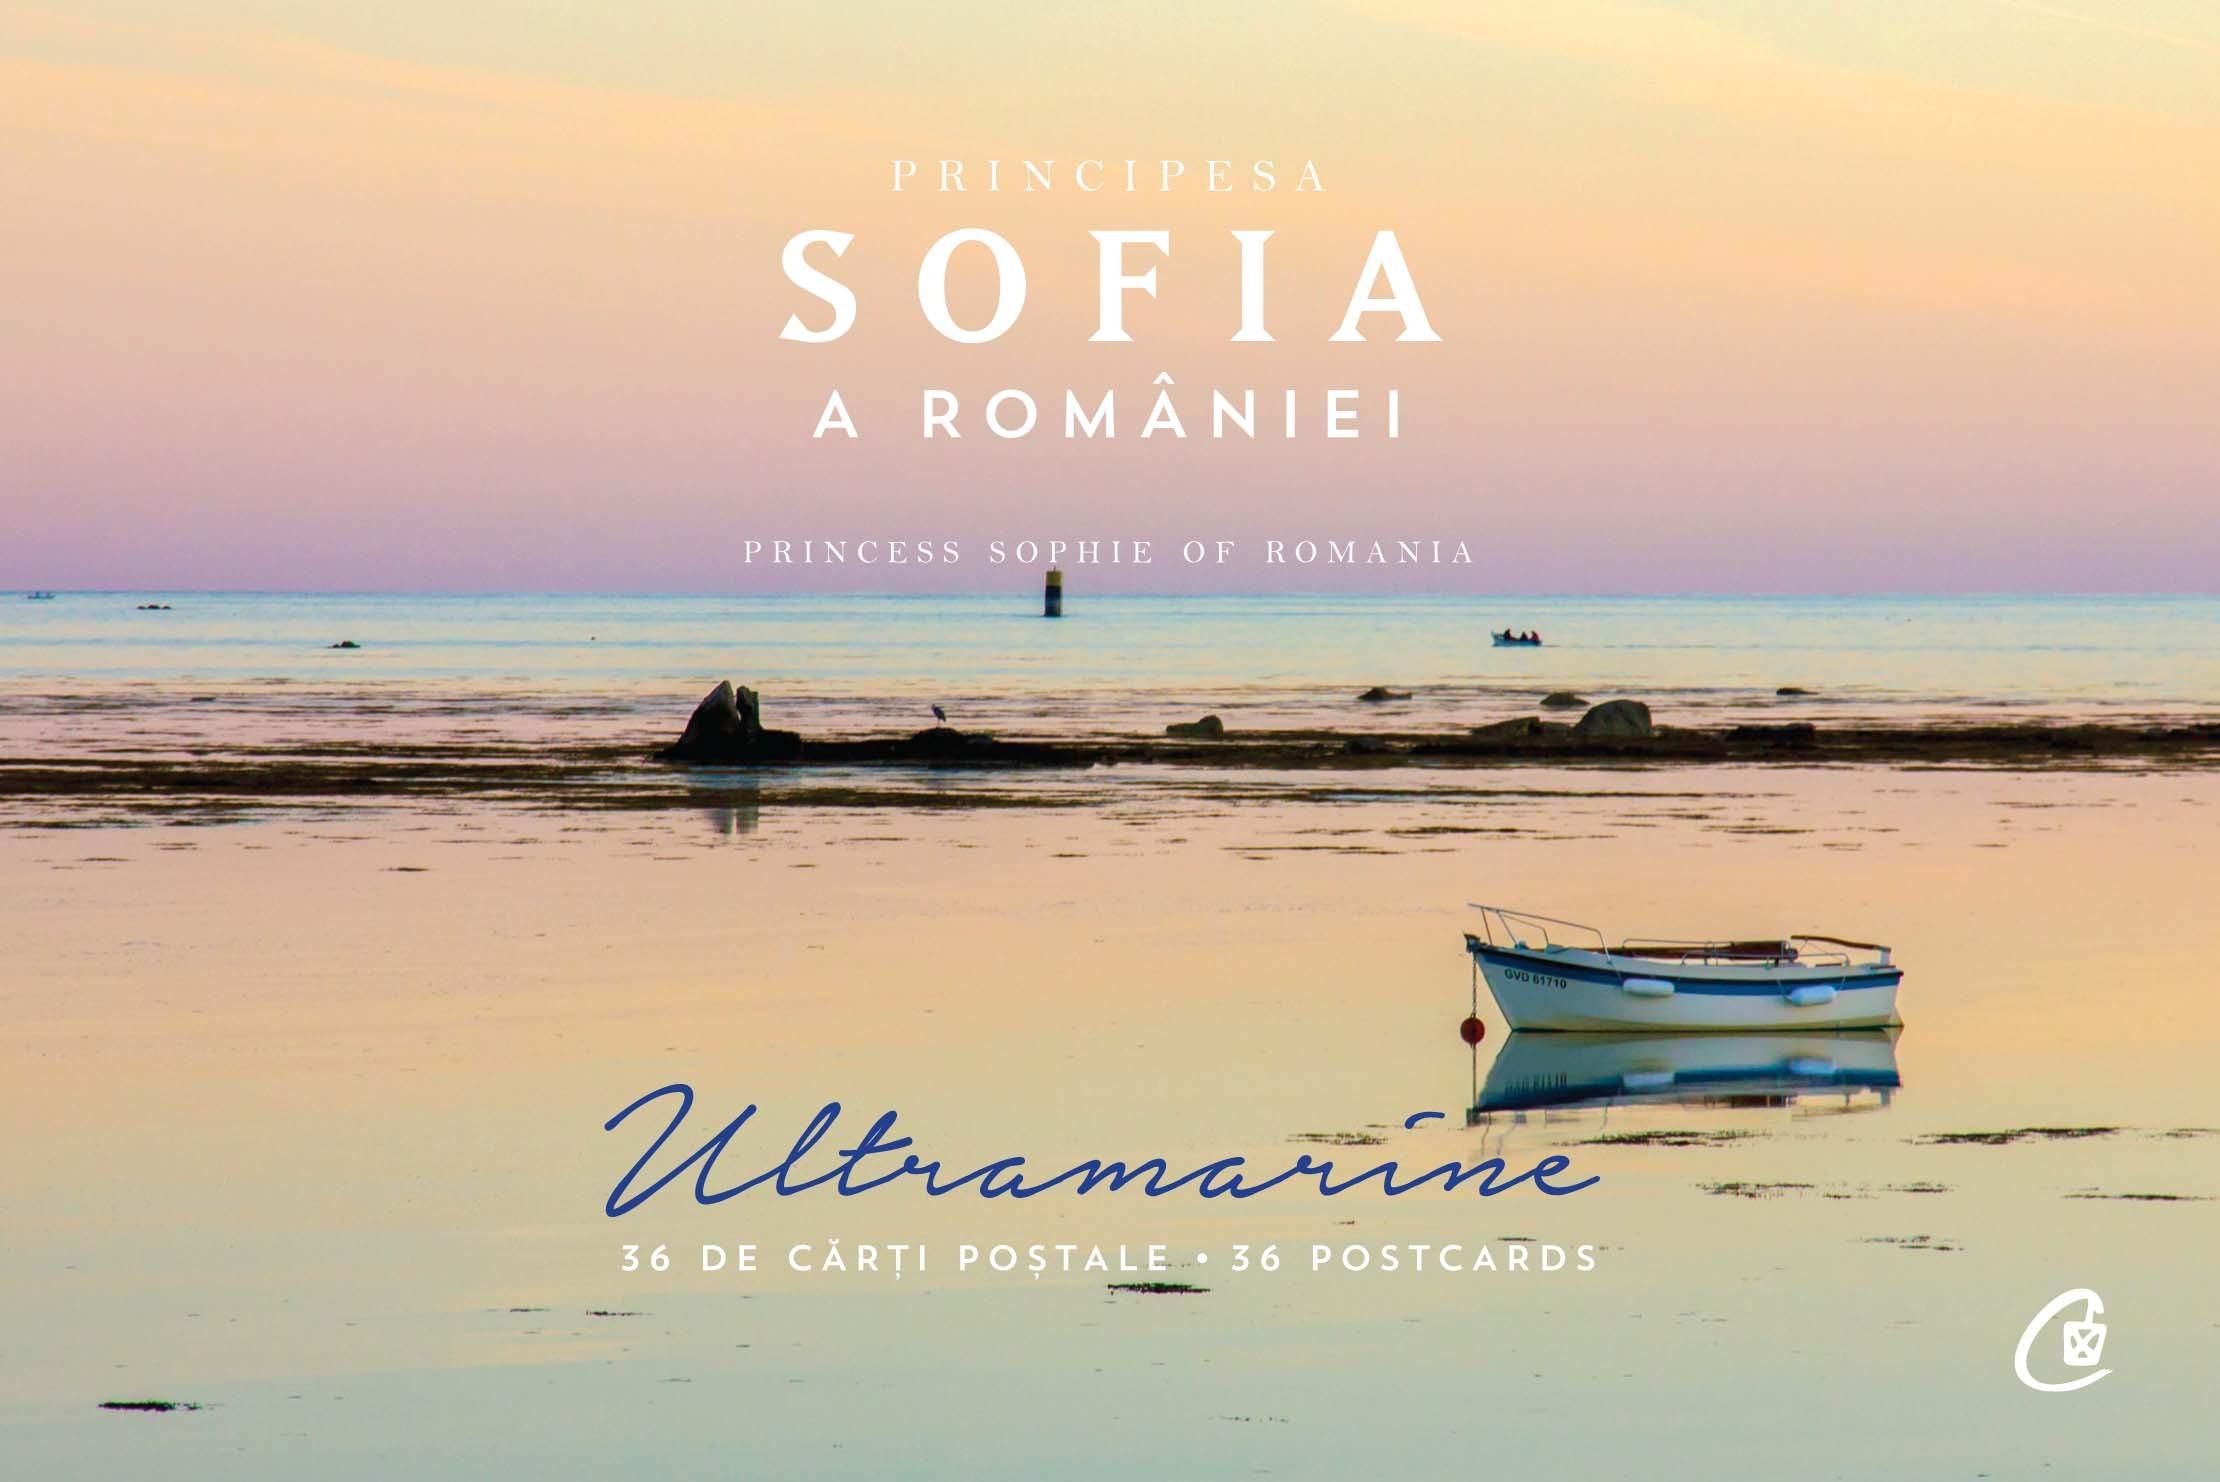 Principesa Sofia a Romaniei - Ultramarine, 36 carti postale